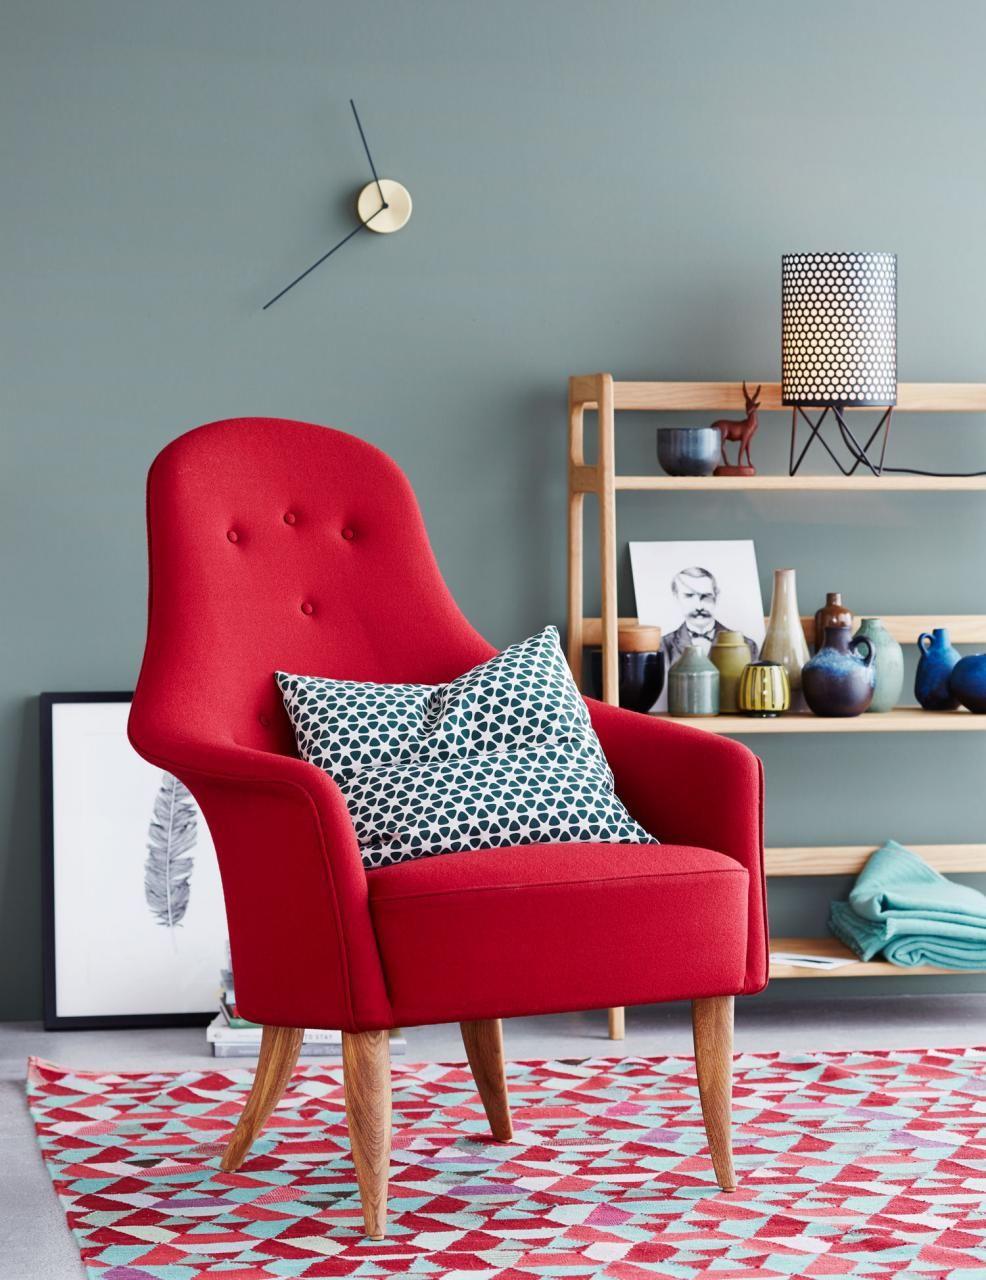 Fesselnd Wohnideen Mit Farben   Einrichten Und Dekorieren Mit Gelb, Blau Und Rot